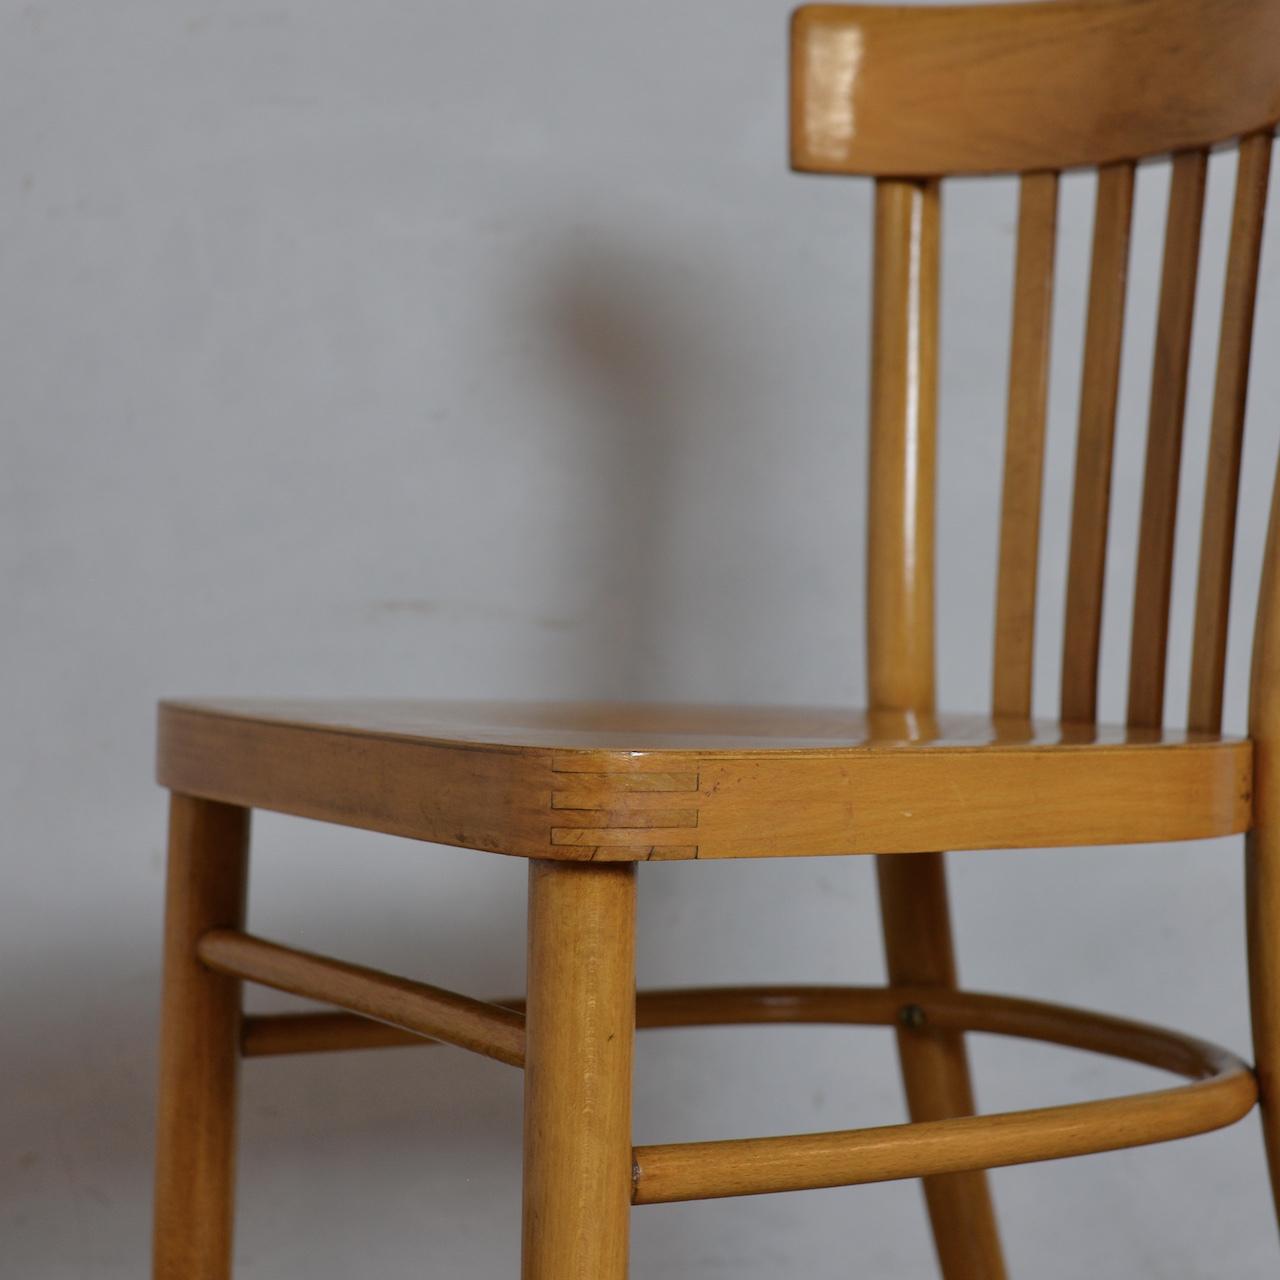 Kitchen Chair / キッチンチェア【B】〈ベントウッドチェア・ダイニングチェア〉SB2008-0008